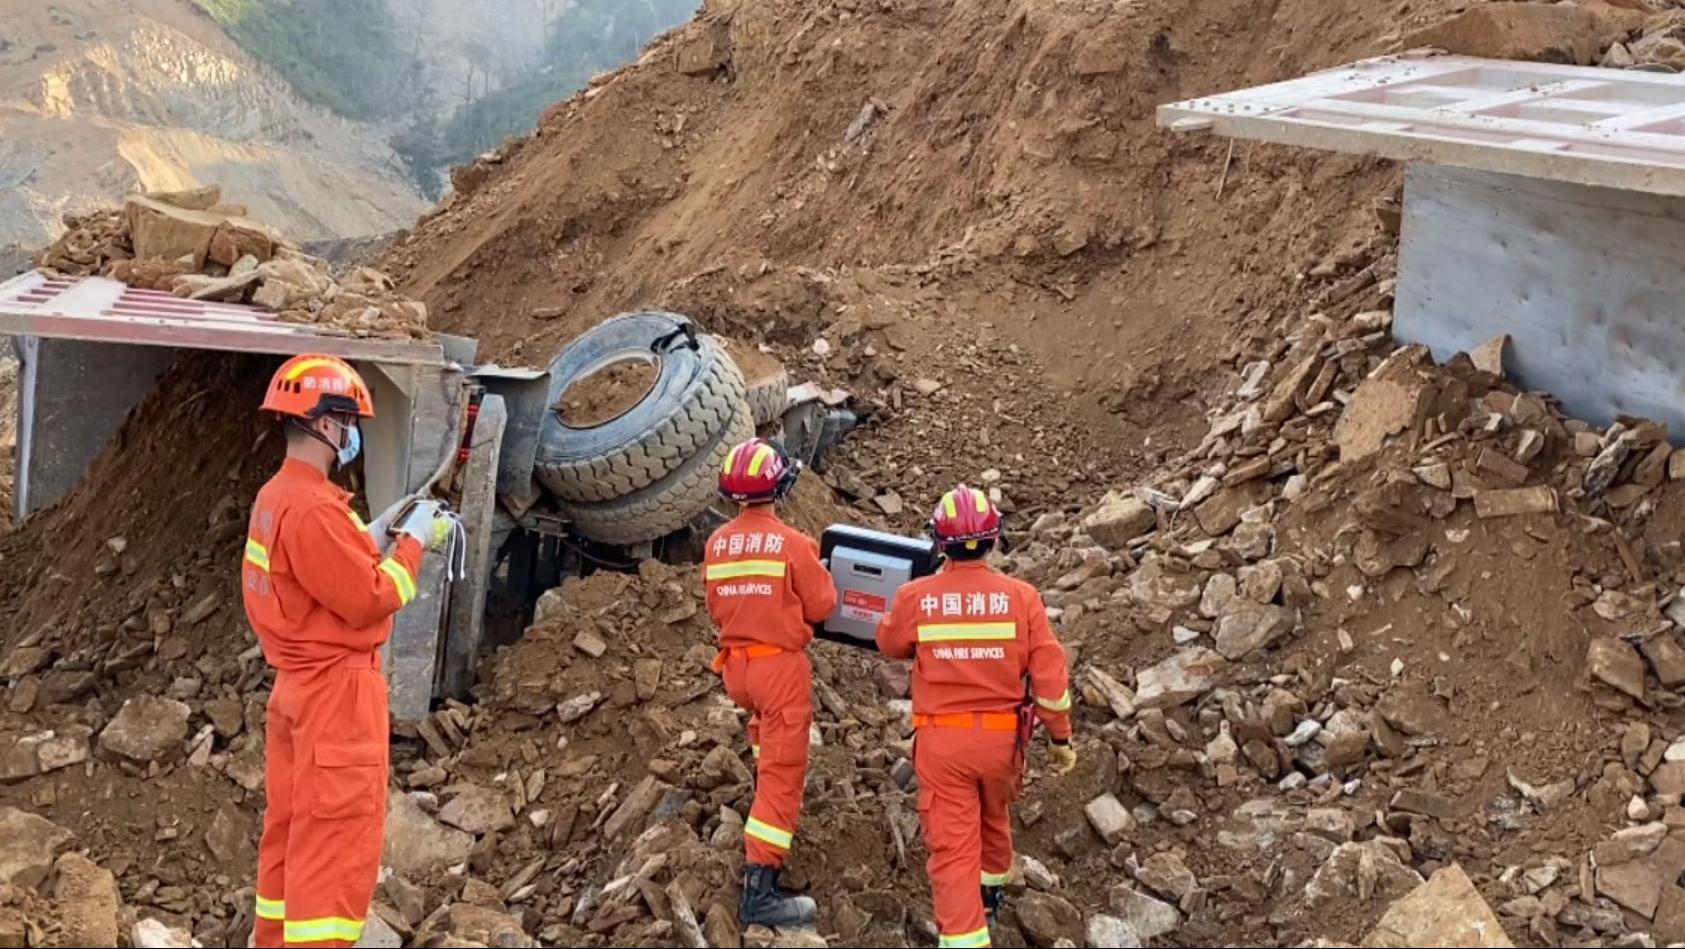 广西南丹:突发山体滑坡 救援结束 事故造成3死1伤